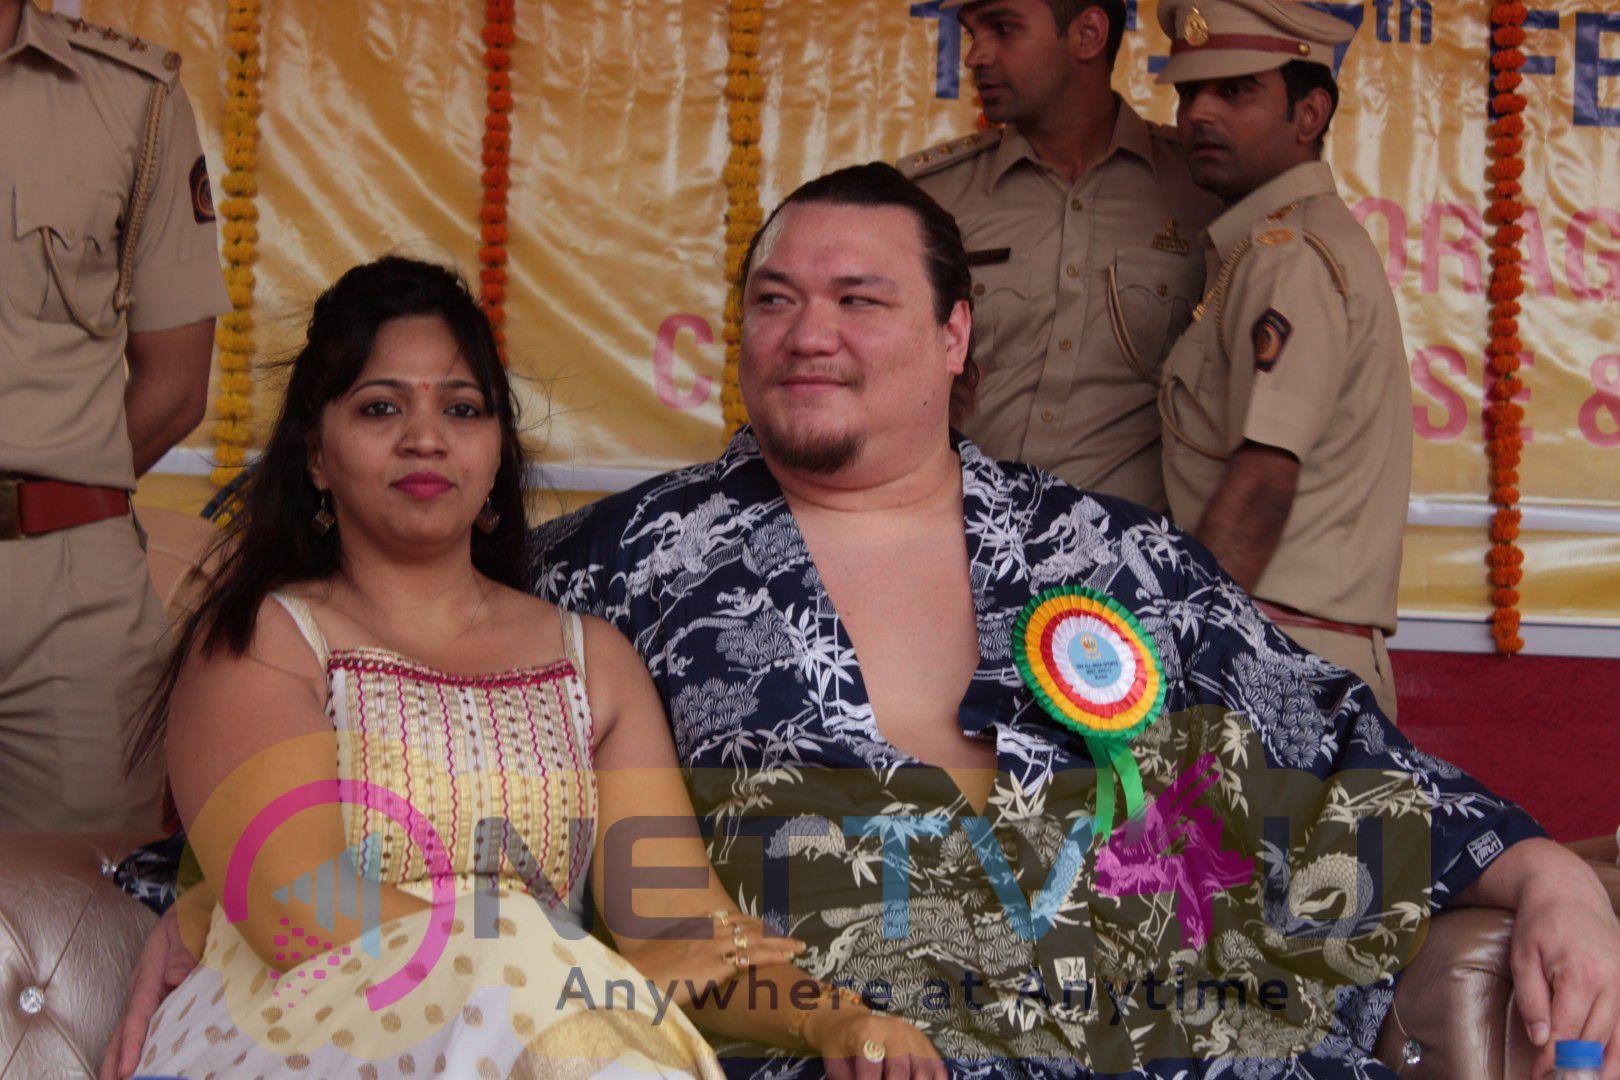 CRSCB All India Central Revenue Sports Meet Pics